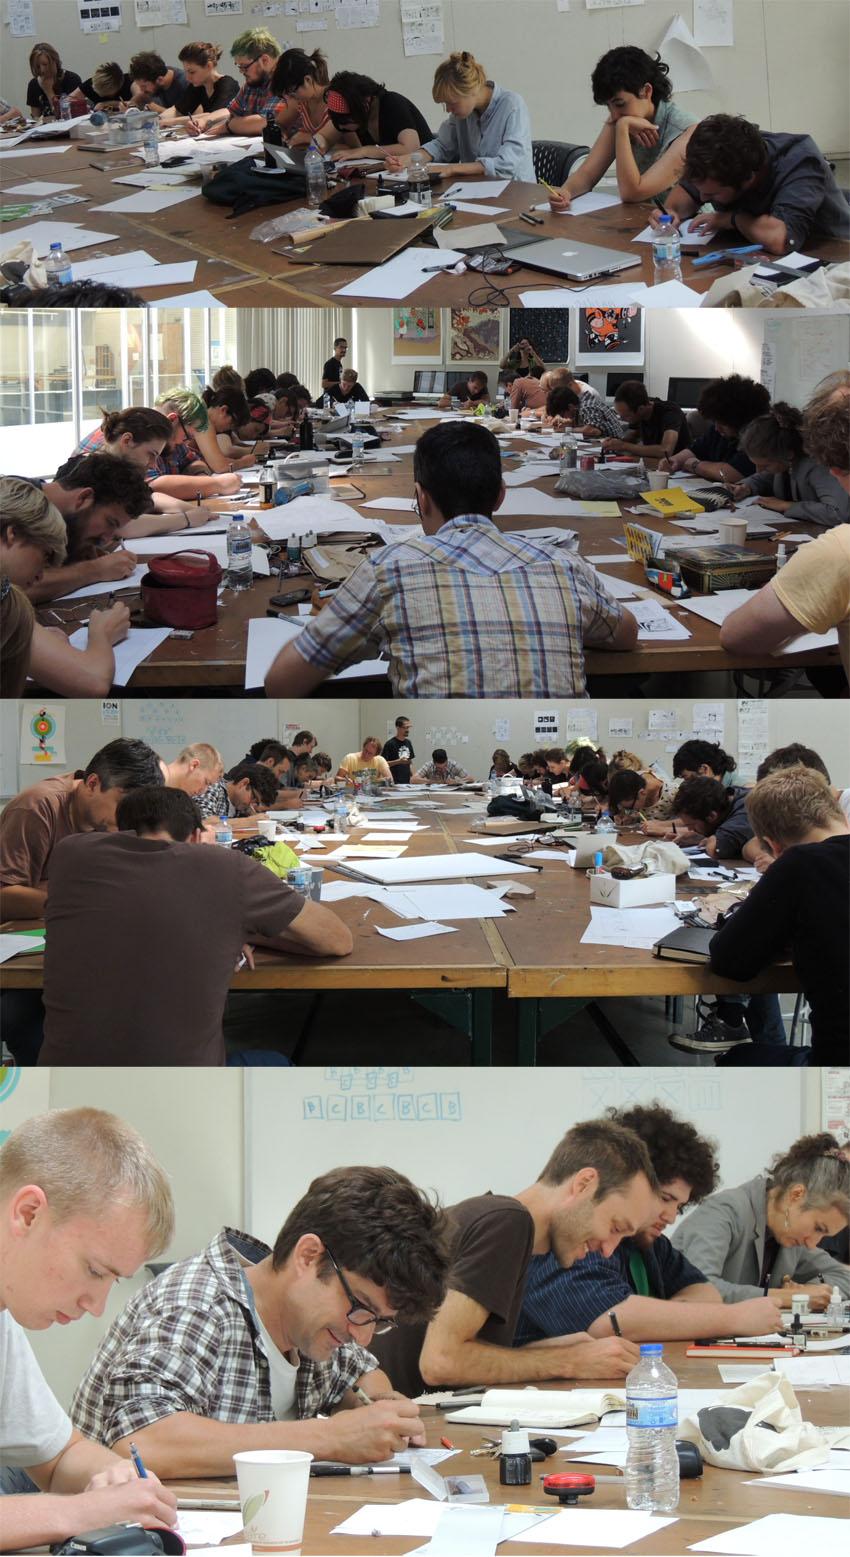 Les auteurs et étudiants en pleine action pendant l'Exercice des 20 minutes.